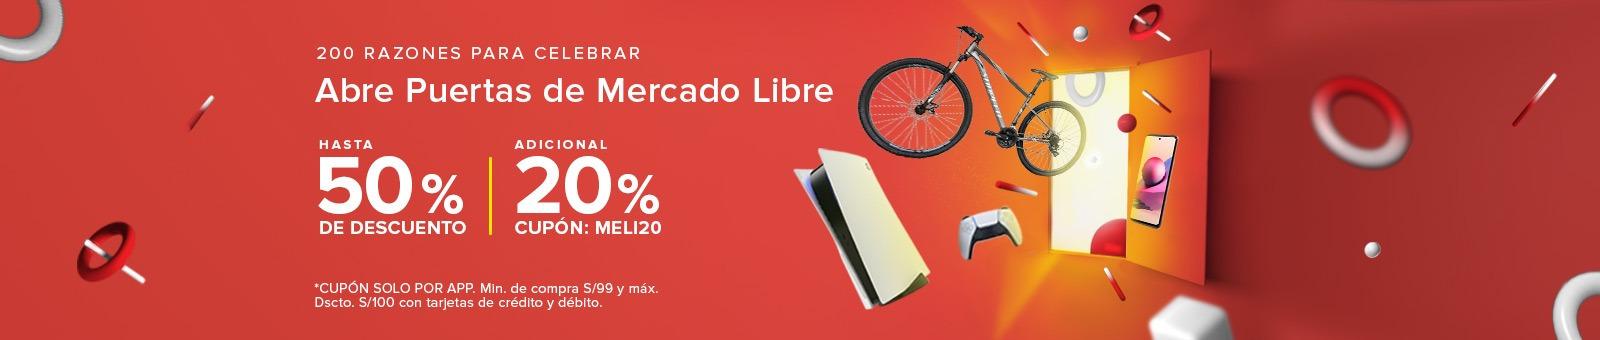 ¡ABRE PUERTAS de Mercado Libre!